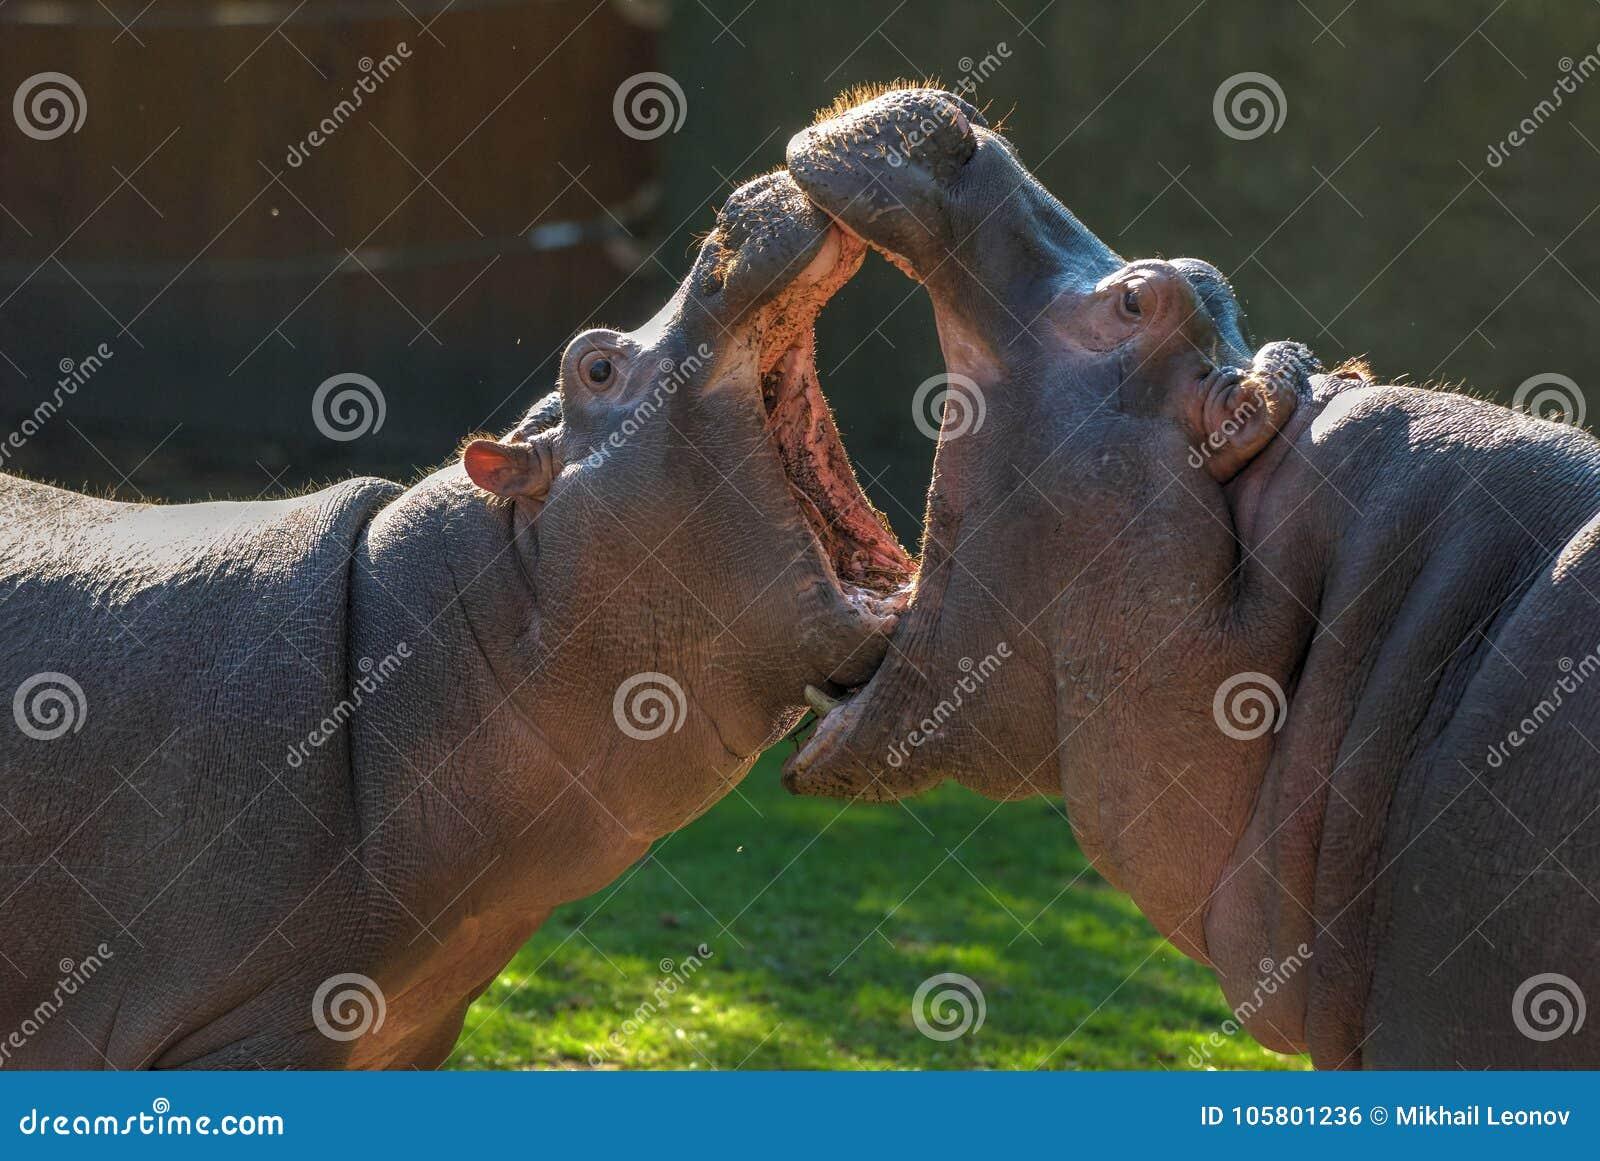 Zwei Nilpferde mit offenen Mündern, deren Mund größer ist Kleiner Nilpferdkampf Tierpflege Lustige vegetarische wilde Tiere